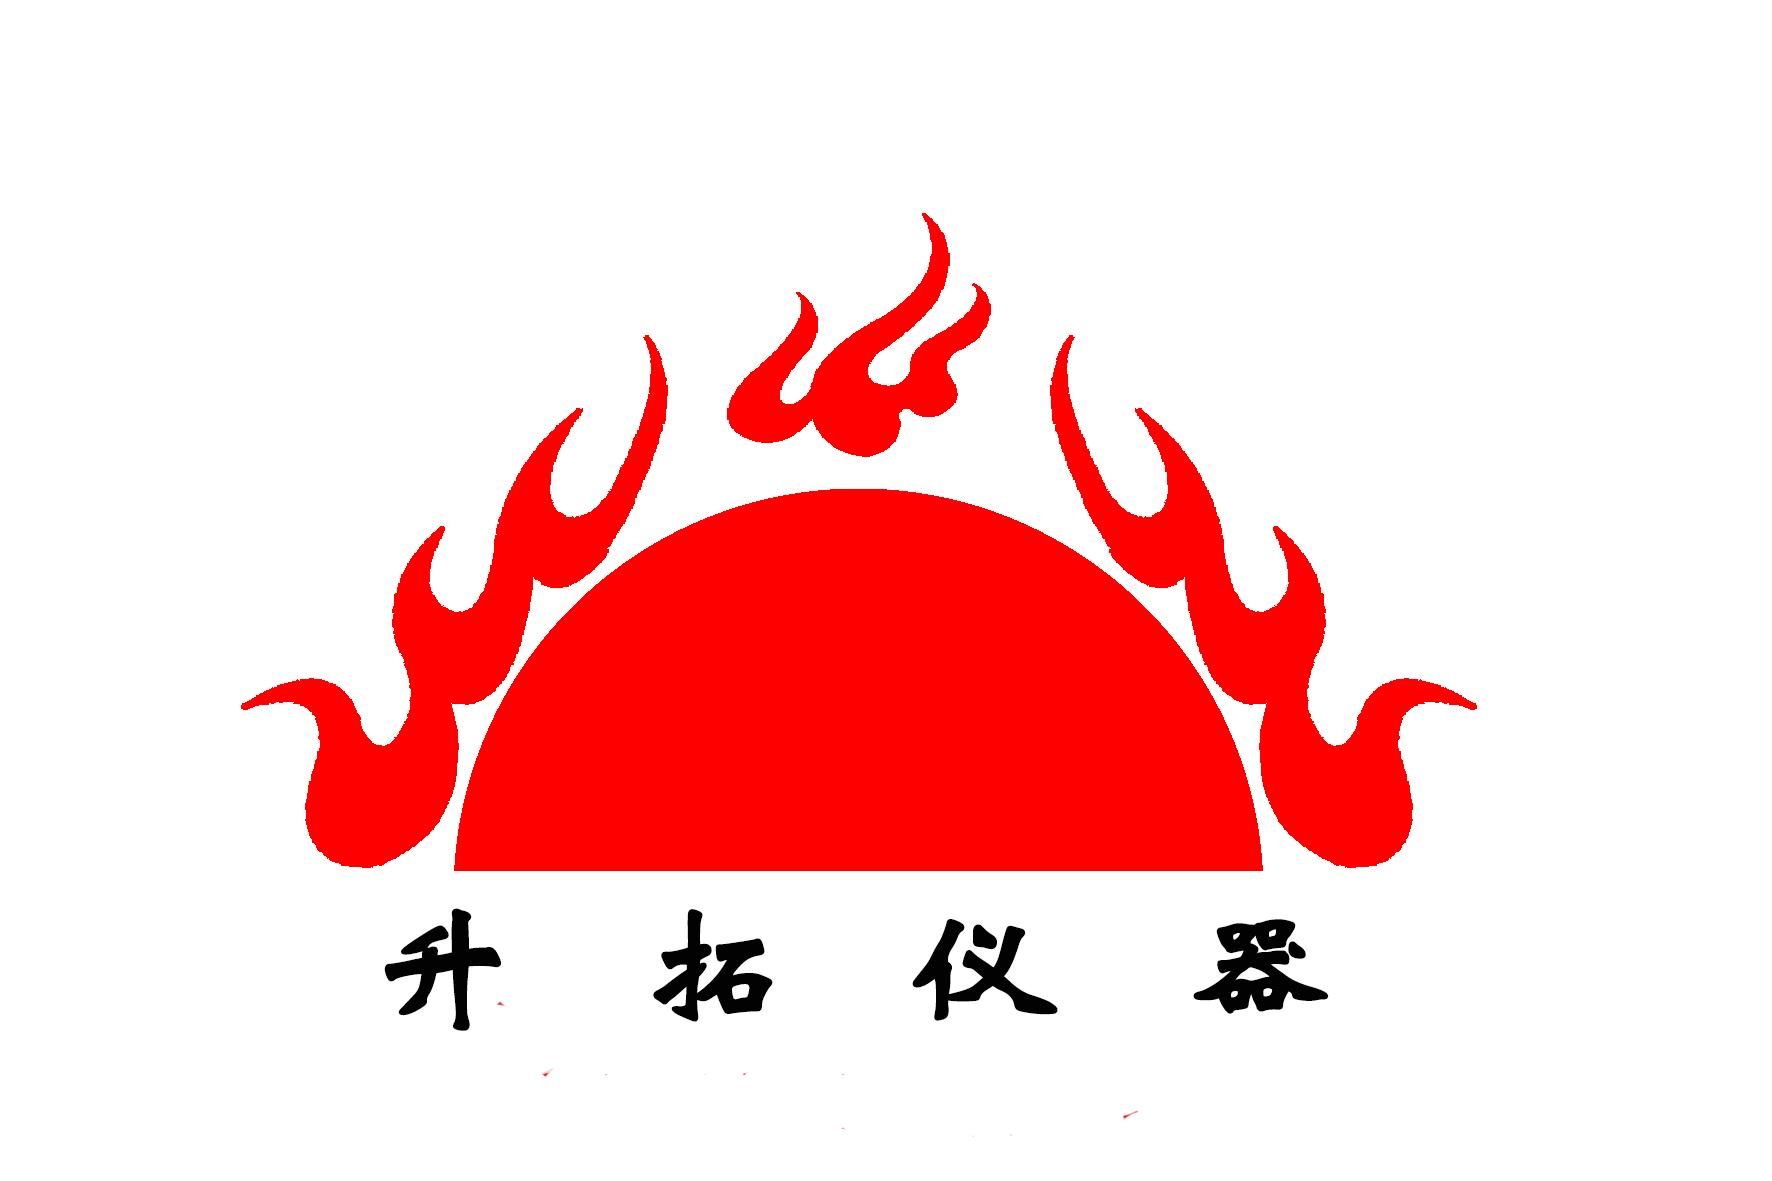 江苏升拓精密仪器有限公司